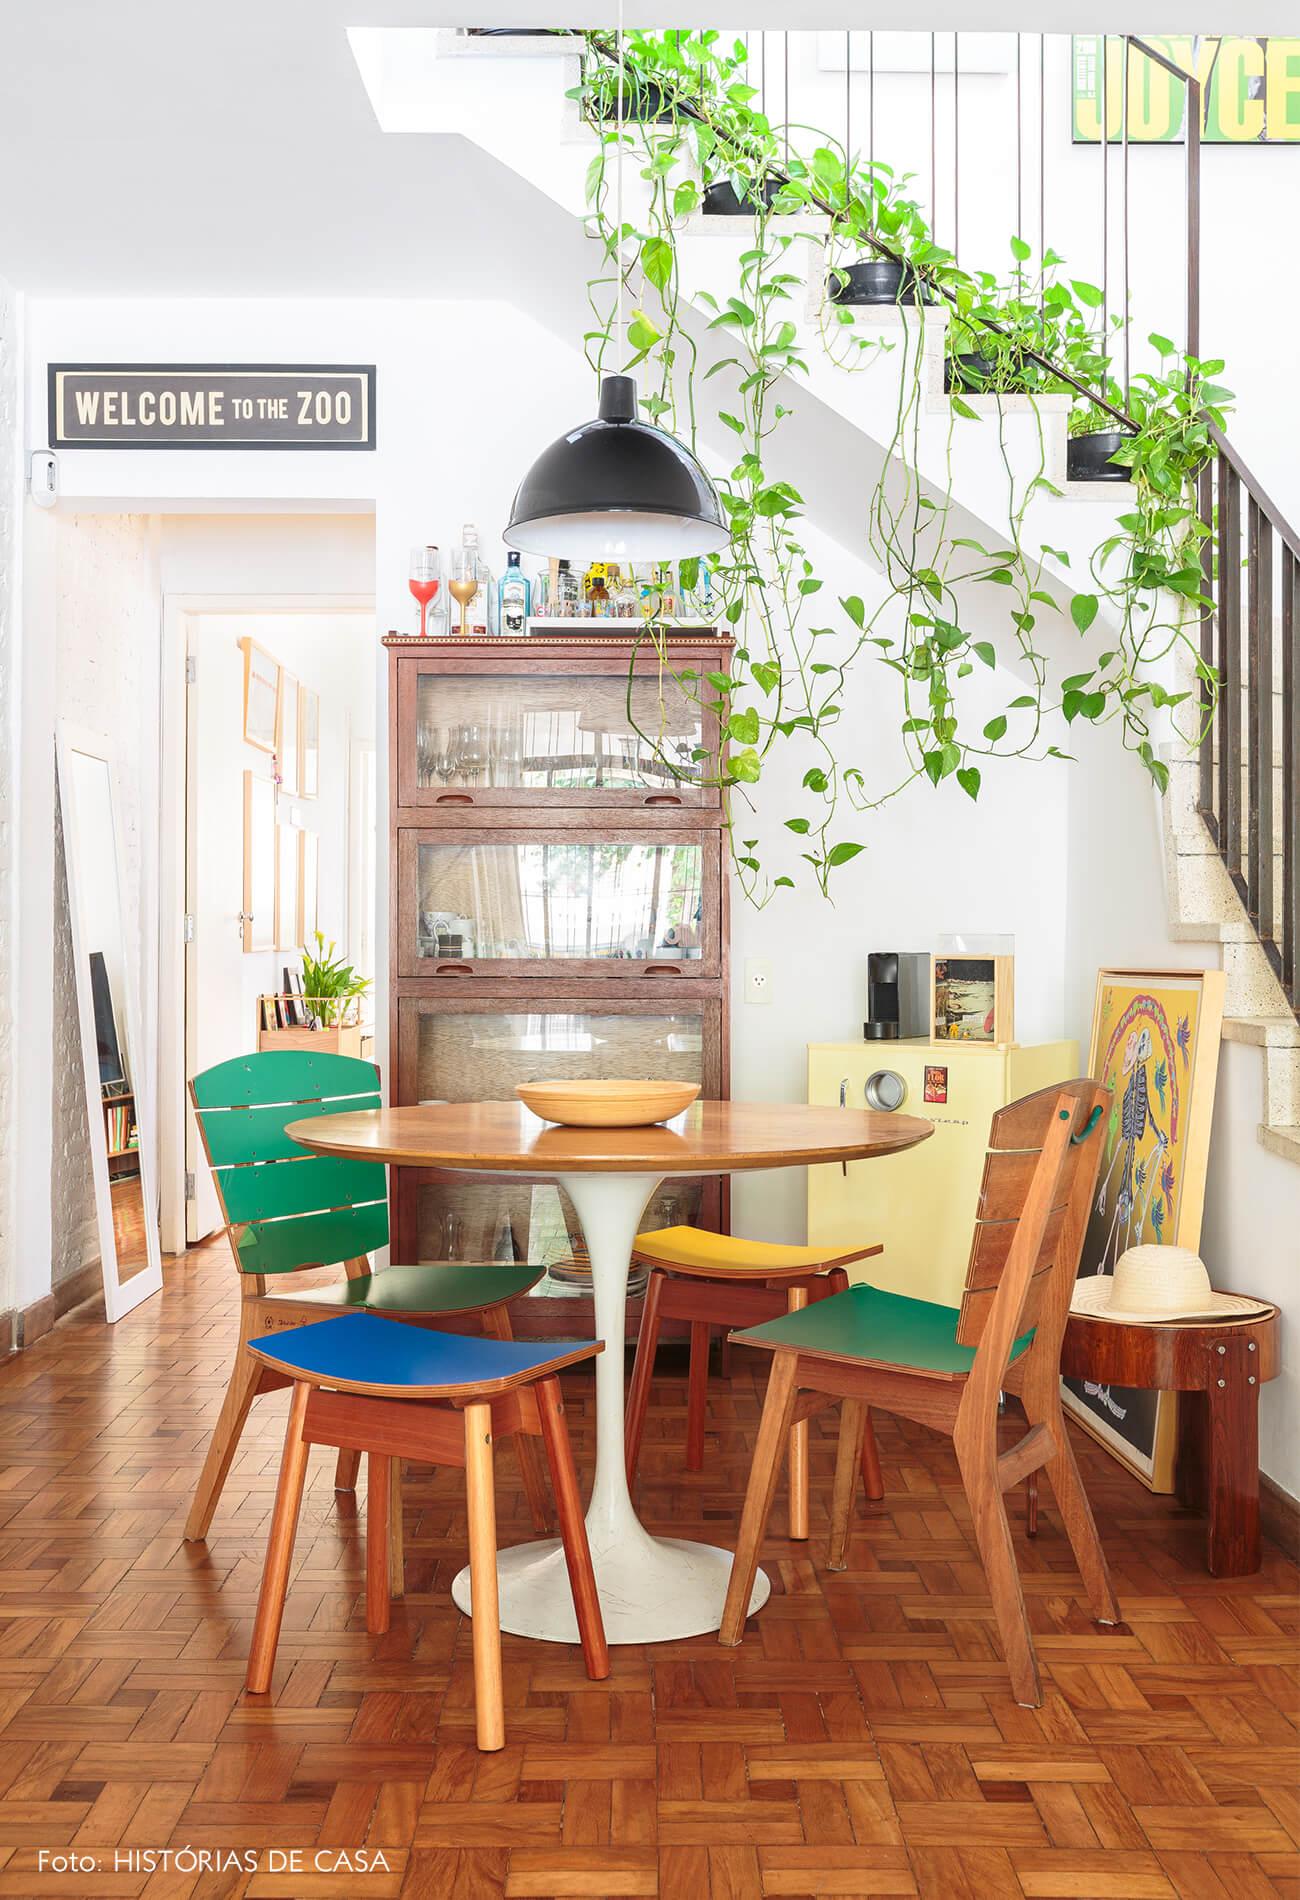 decoração sala jantar com mesa de madeira e cadeiras coloridas